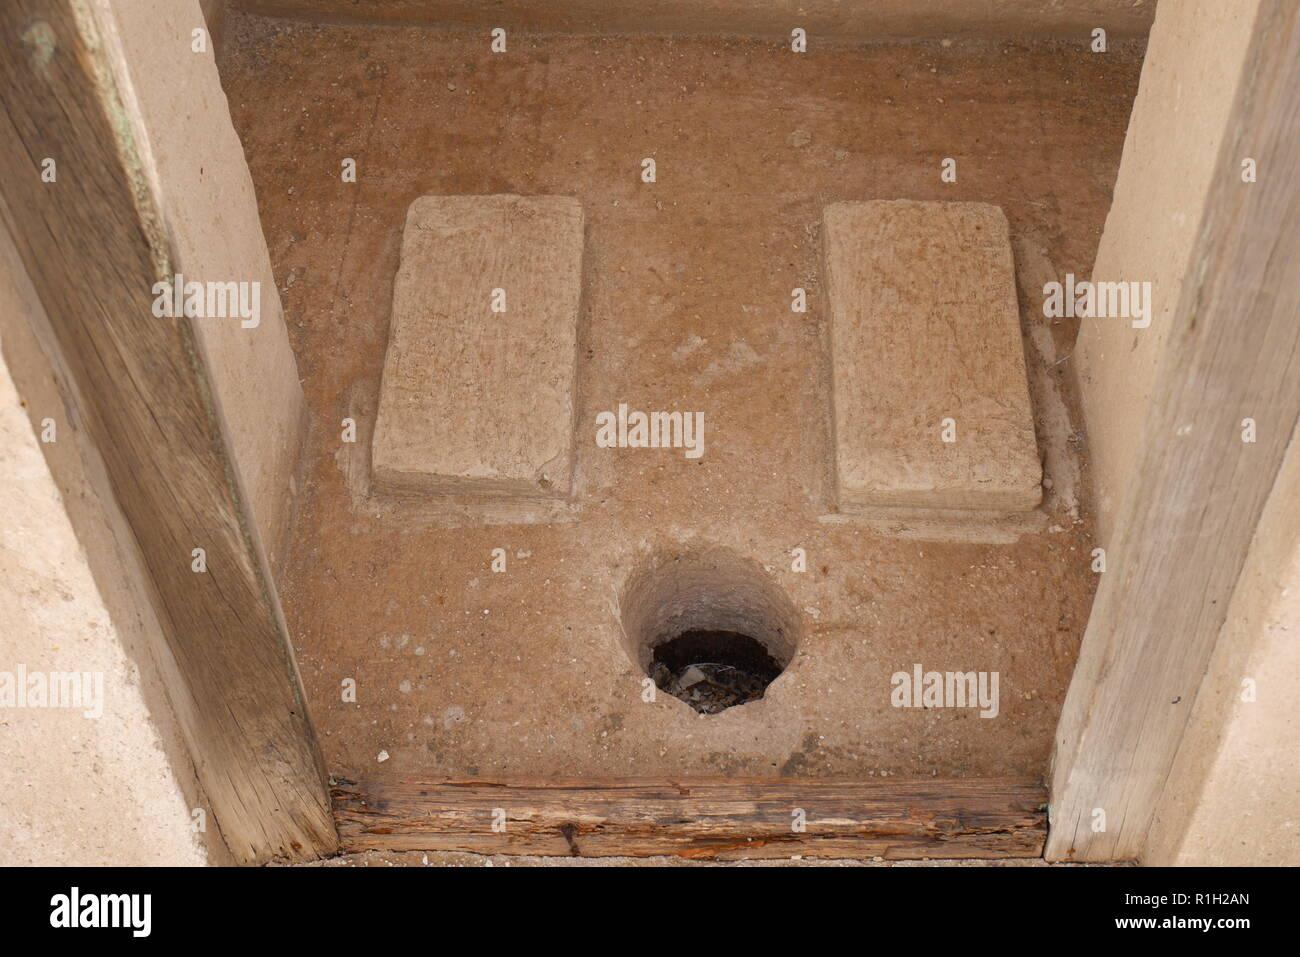 Trou dans le plancher, l'accroupissement toilettes, Al Alawi House, situé sur le sentier des perles, Manama, Royaume de Bahreïn Photo Stock